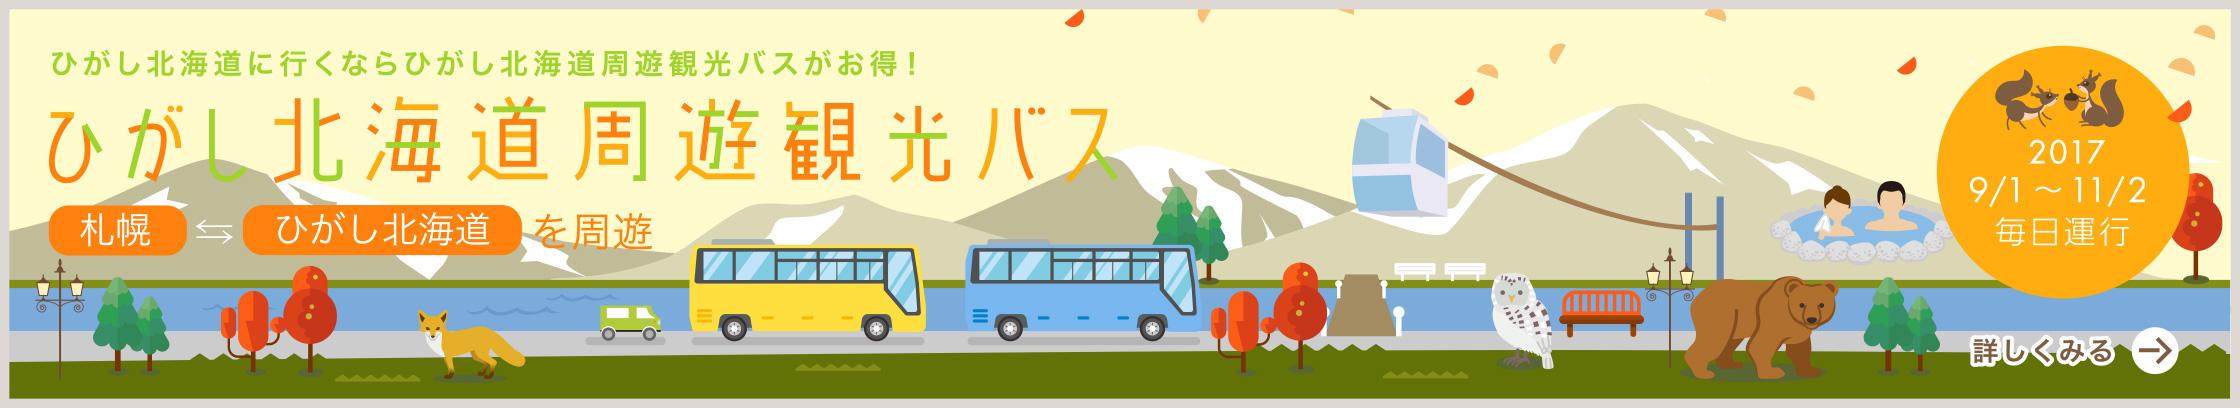 ひがし北海道周遊観光バス 夏・秋路線